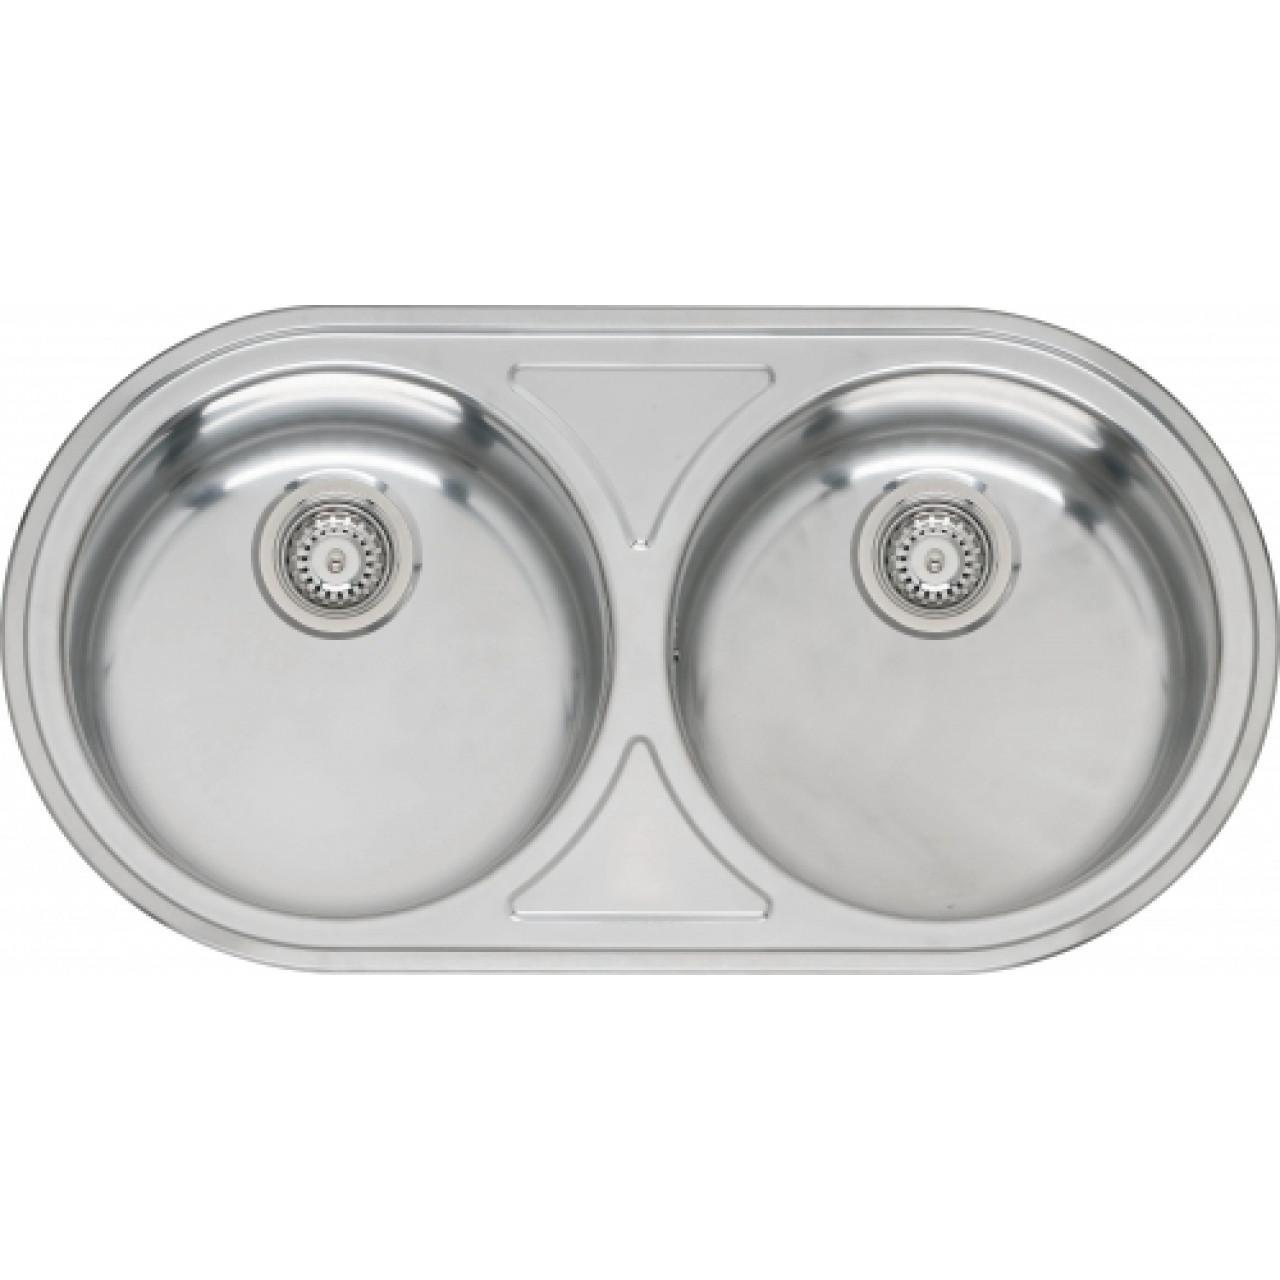 Кухонная мойка Reginox Andalucia LUX KGOKG 38571 купить в Москве по цене от 9910р. в интернет-магазине mebel-v-vannu.ru